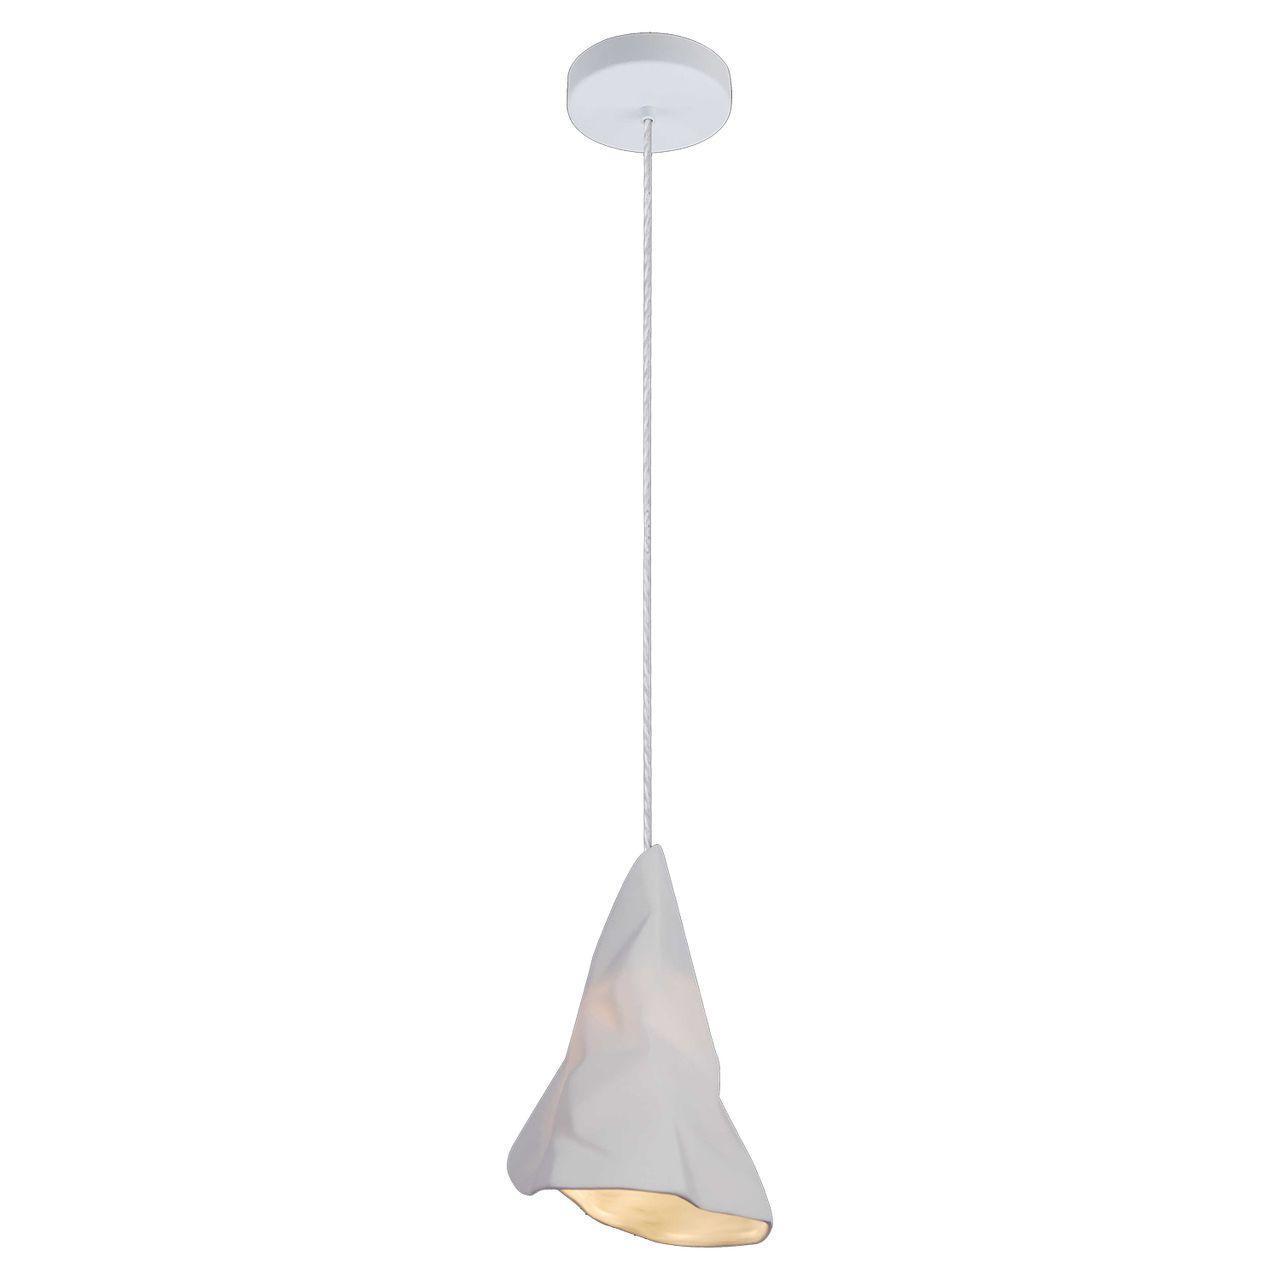 Подвесной светильник Lussole Loft LSP-9657 утюг 9657